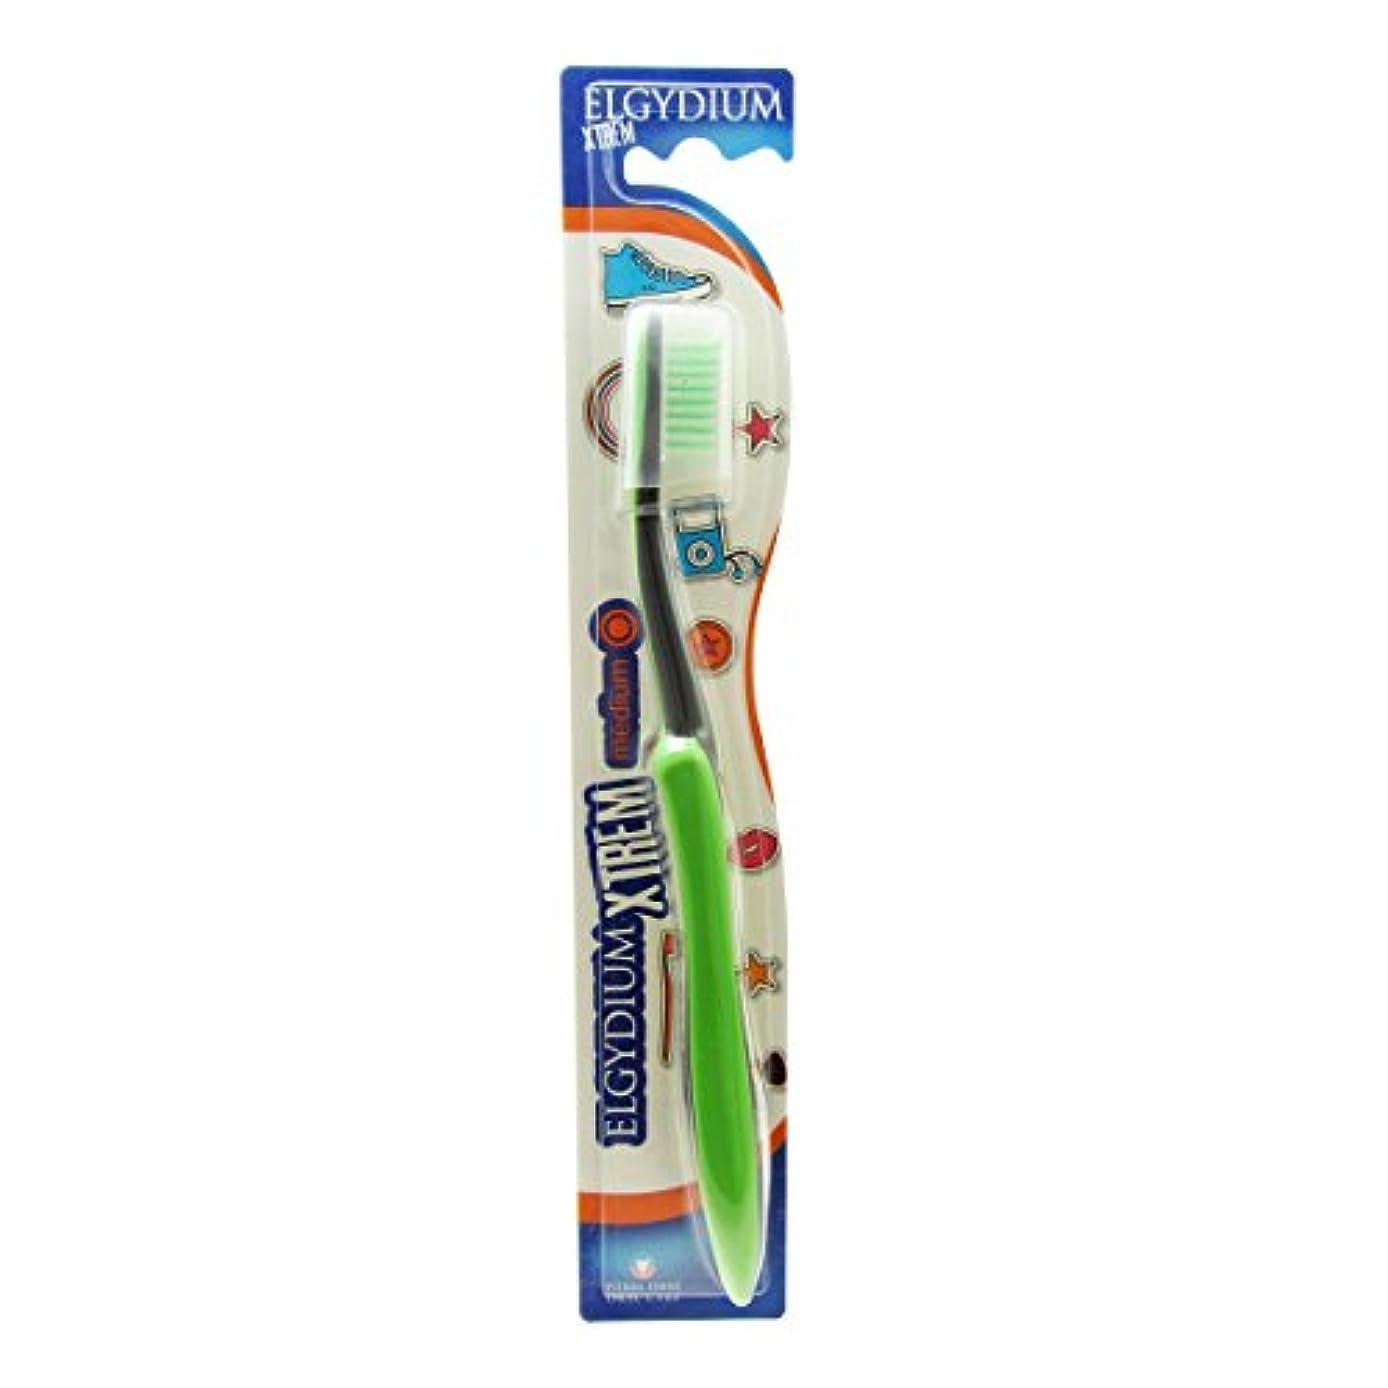 指定する悩み不平を言うElgydium Xtrem Toothbrush Medium Hardness [並行輸入品]